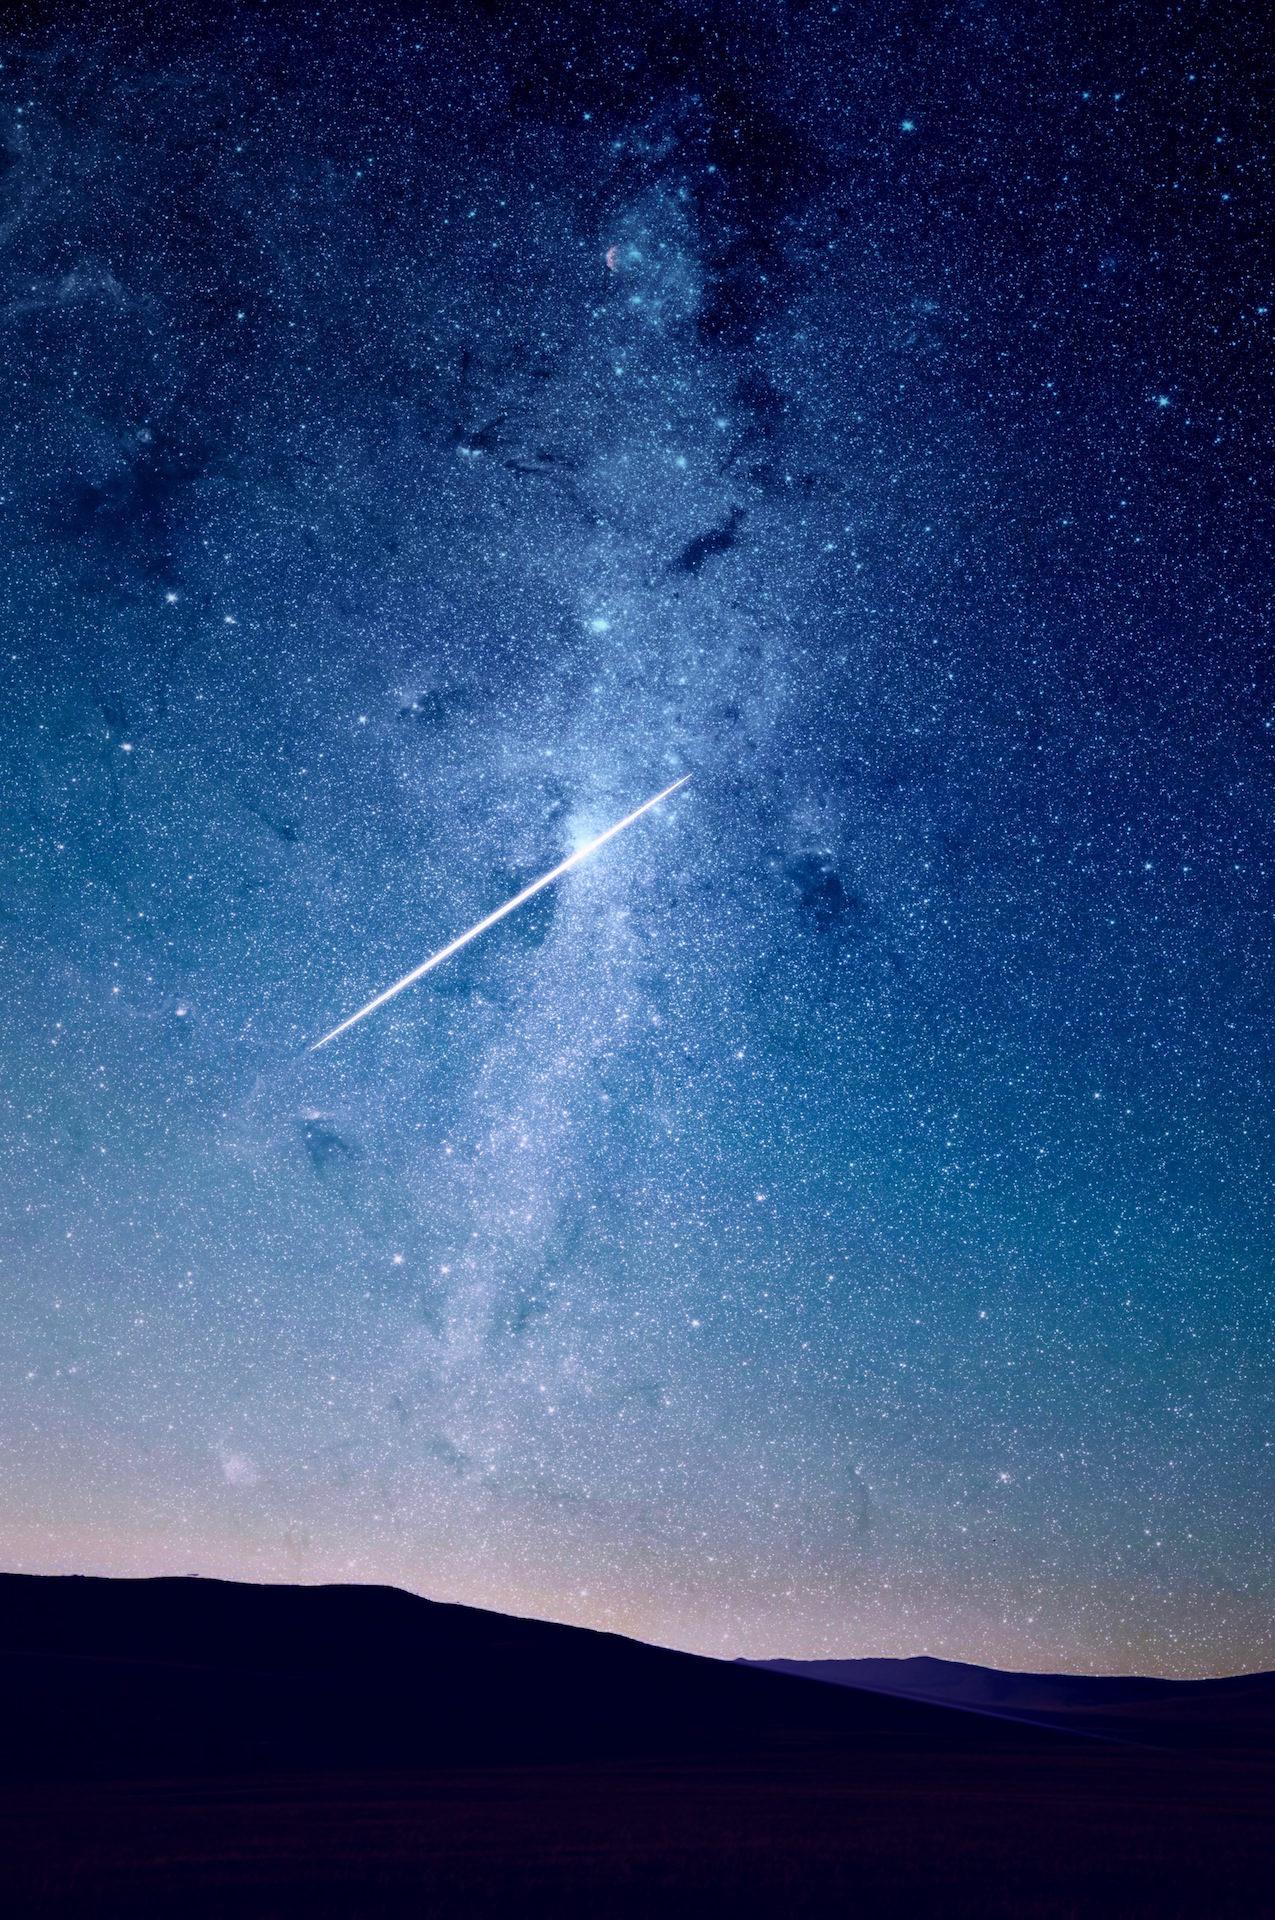 晚上, 天空, 星级, fugaz, deseo - 高清壁纸 - 教授-falken.com